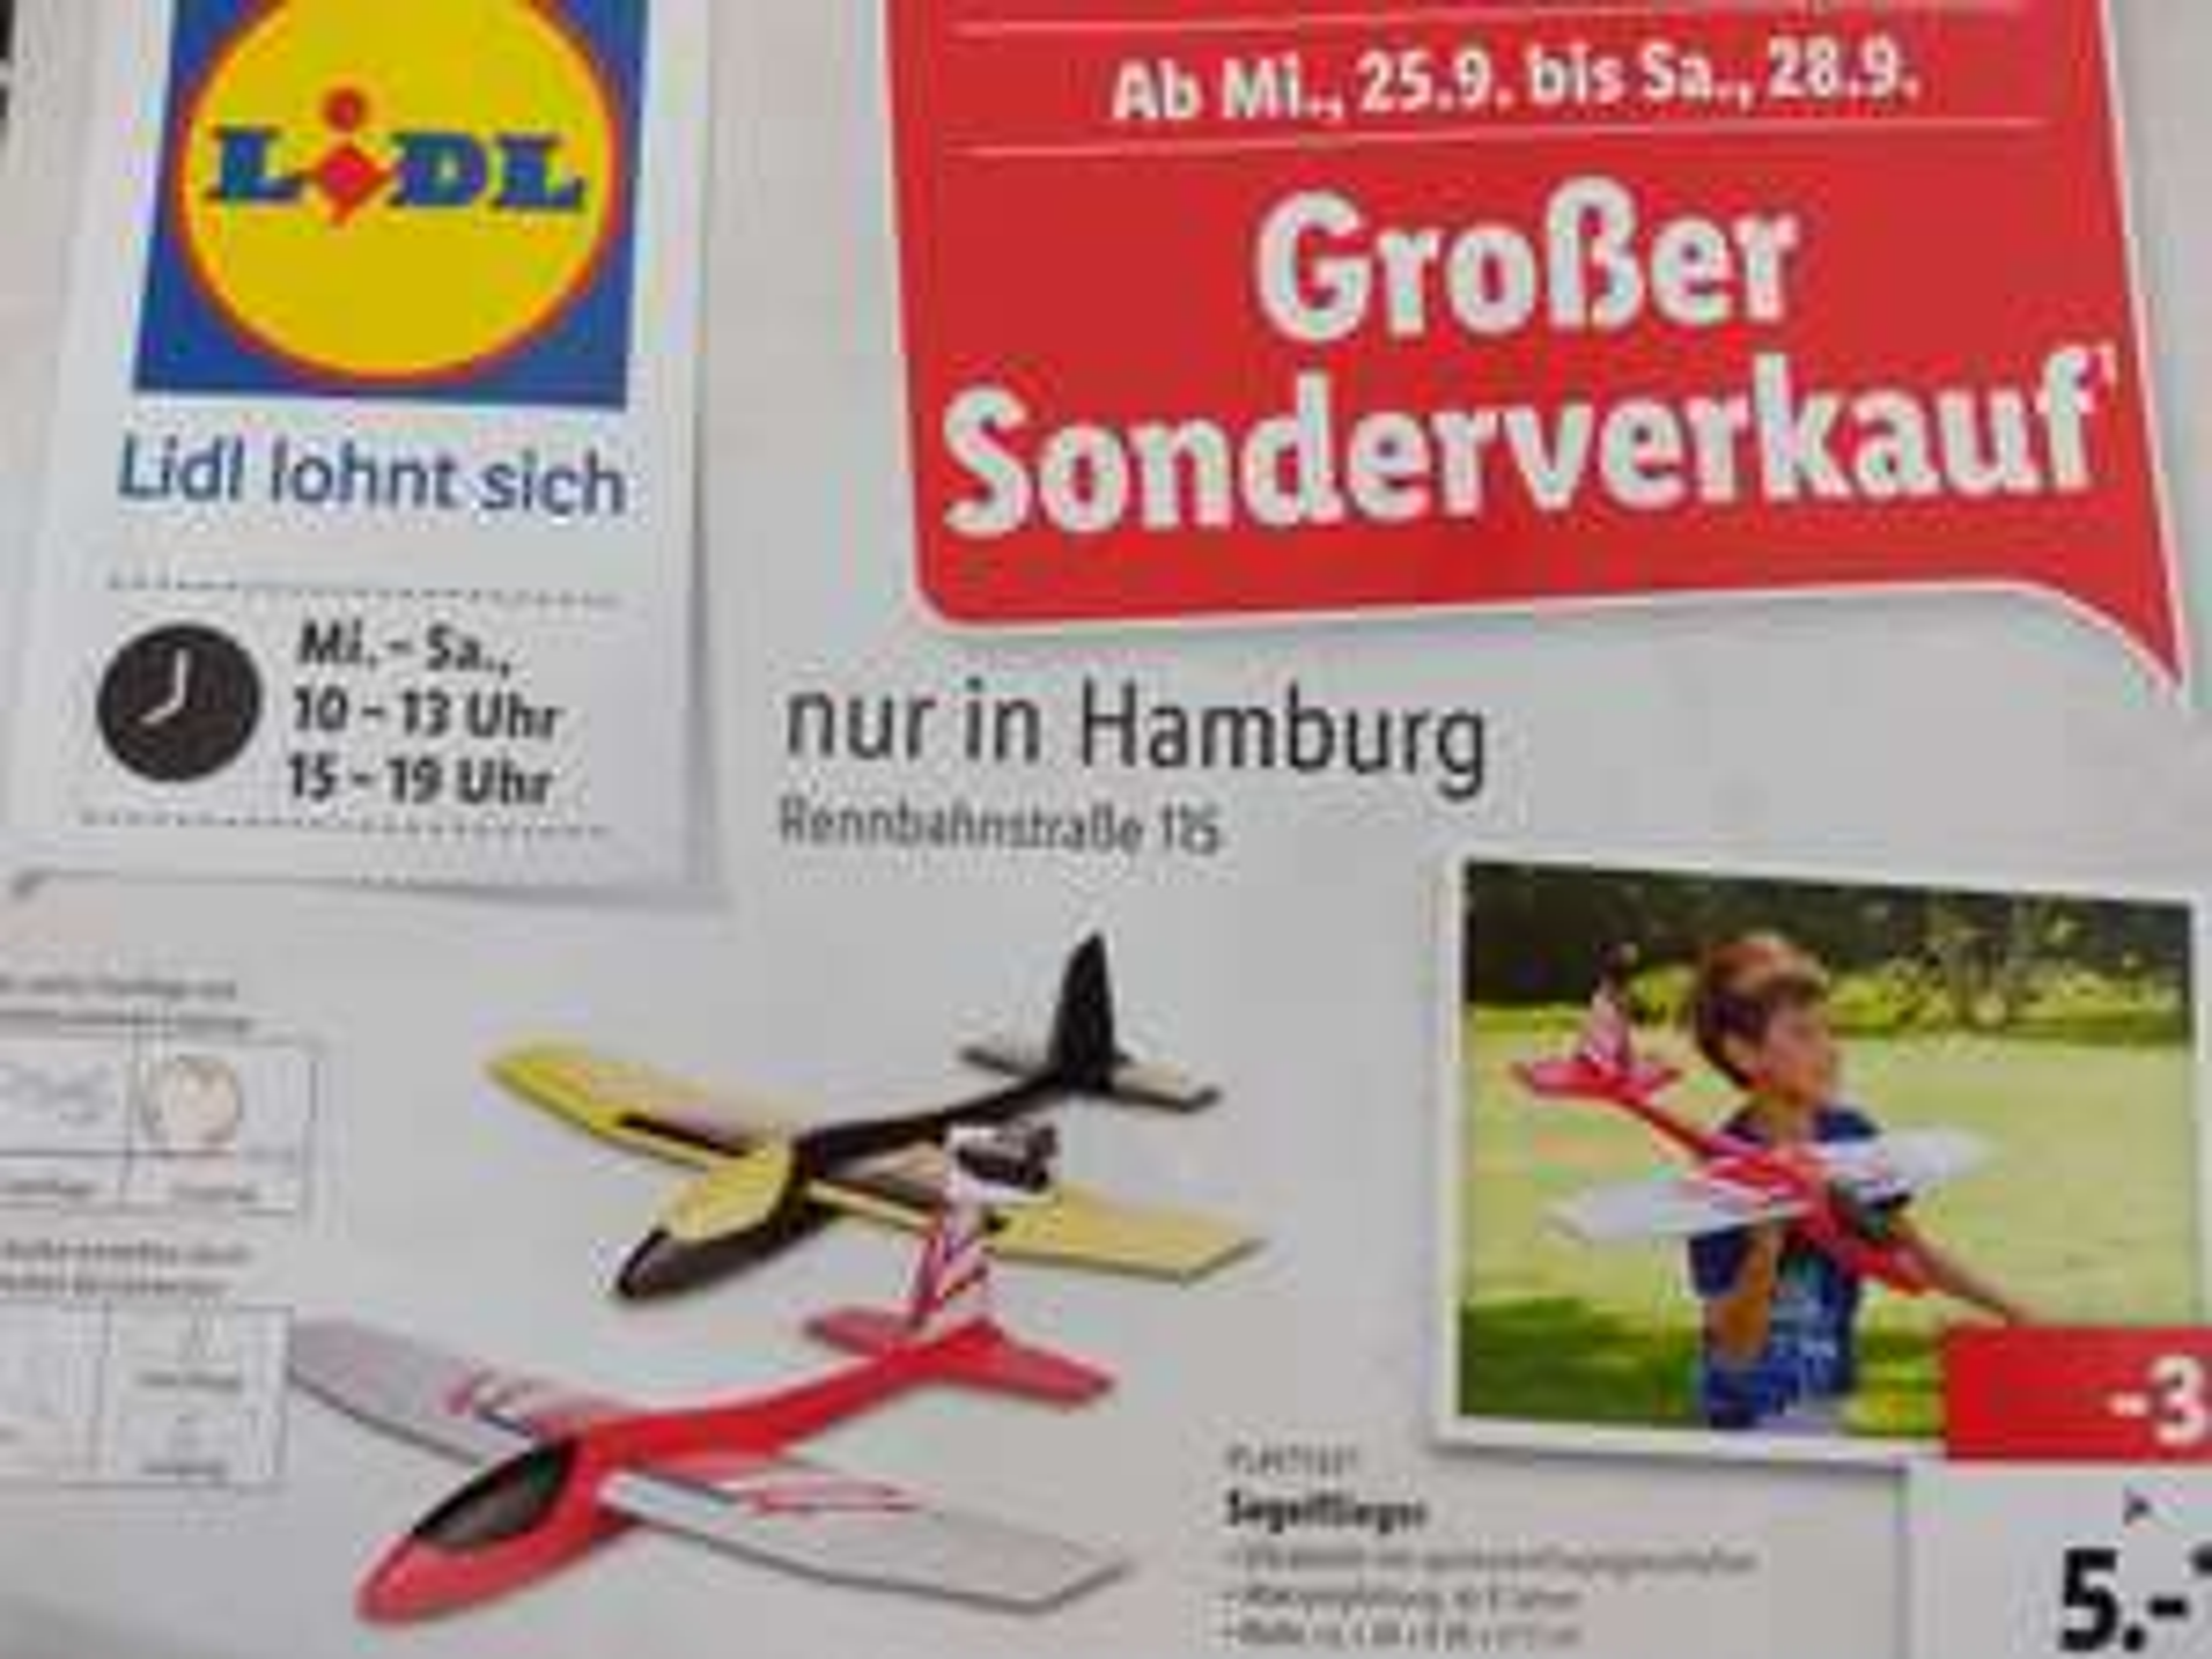 [Lokal] [Hamburg] LIDL Sonderverkauf Rennbanstraße 115 -  Wurfgleiter (Playtive) Segelflieger